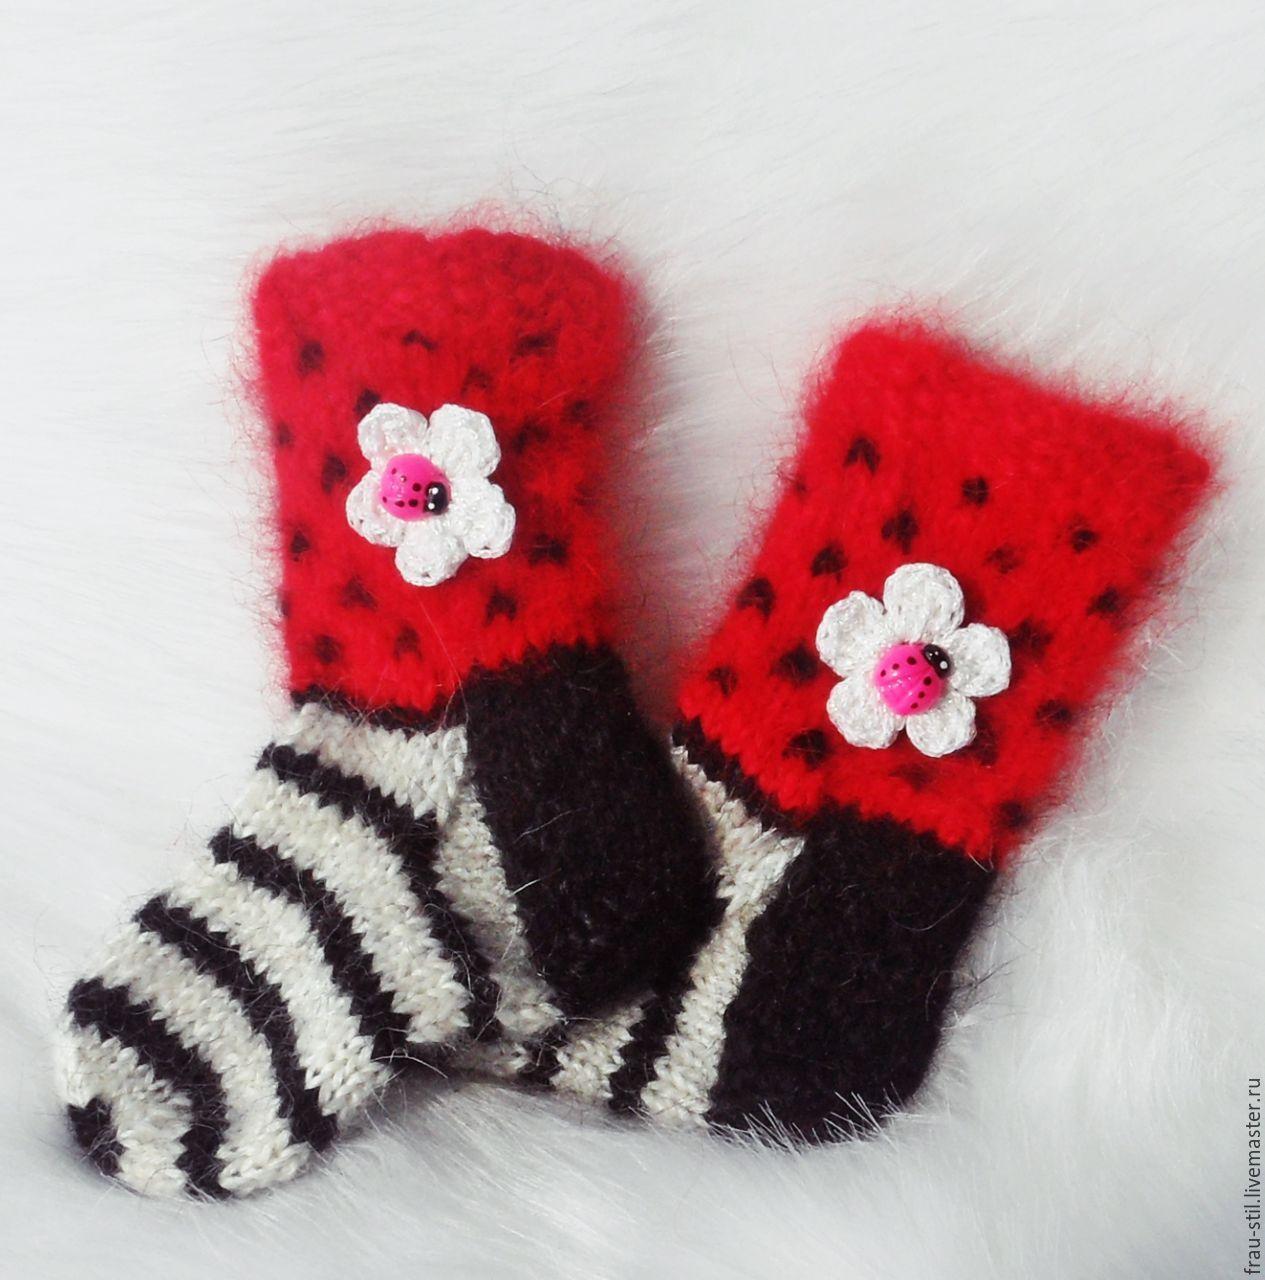 Купить Детские носочки вязаные Frau Stil Babyschuhe gestrickt Wollsocken - детские носочки